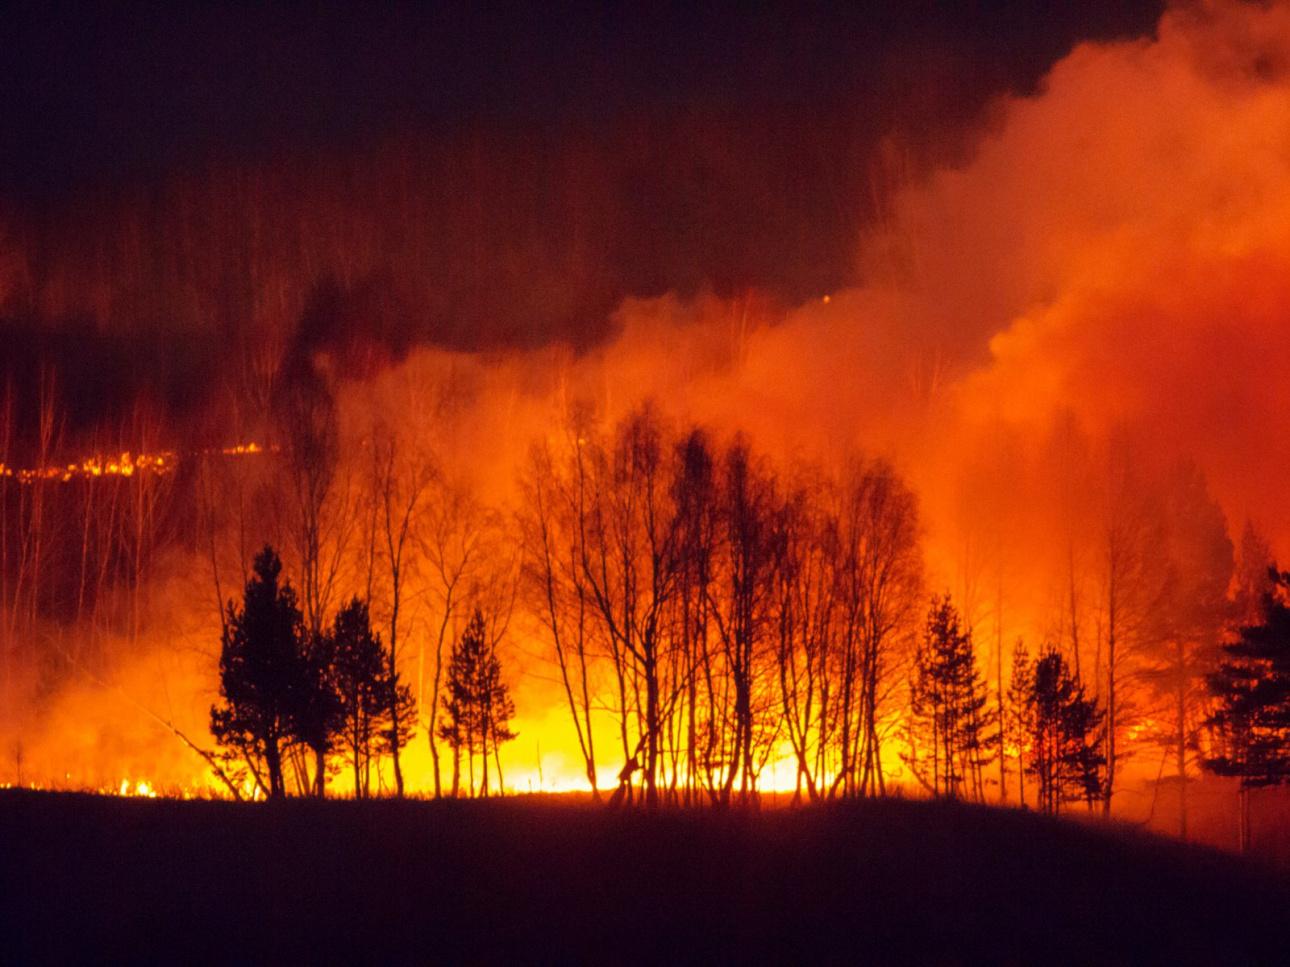 охотно фото пожаров сибирь пытаешься